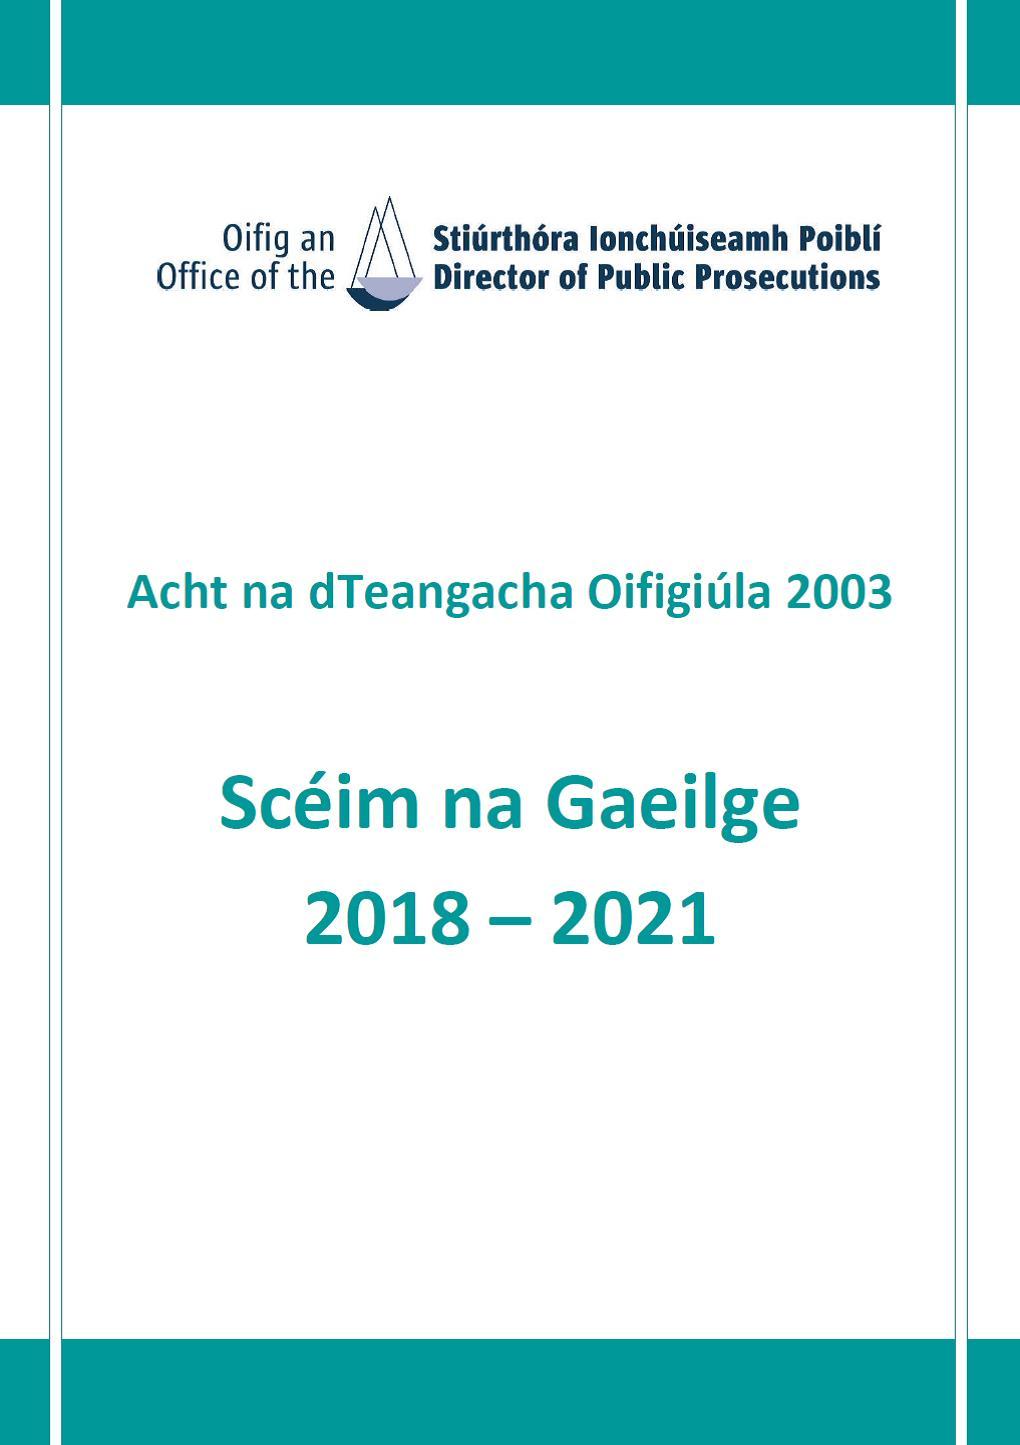 Scéim na Gaeilge 2018-2021 (PDF)